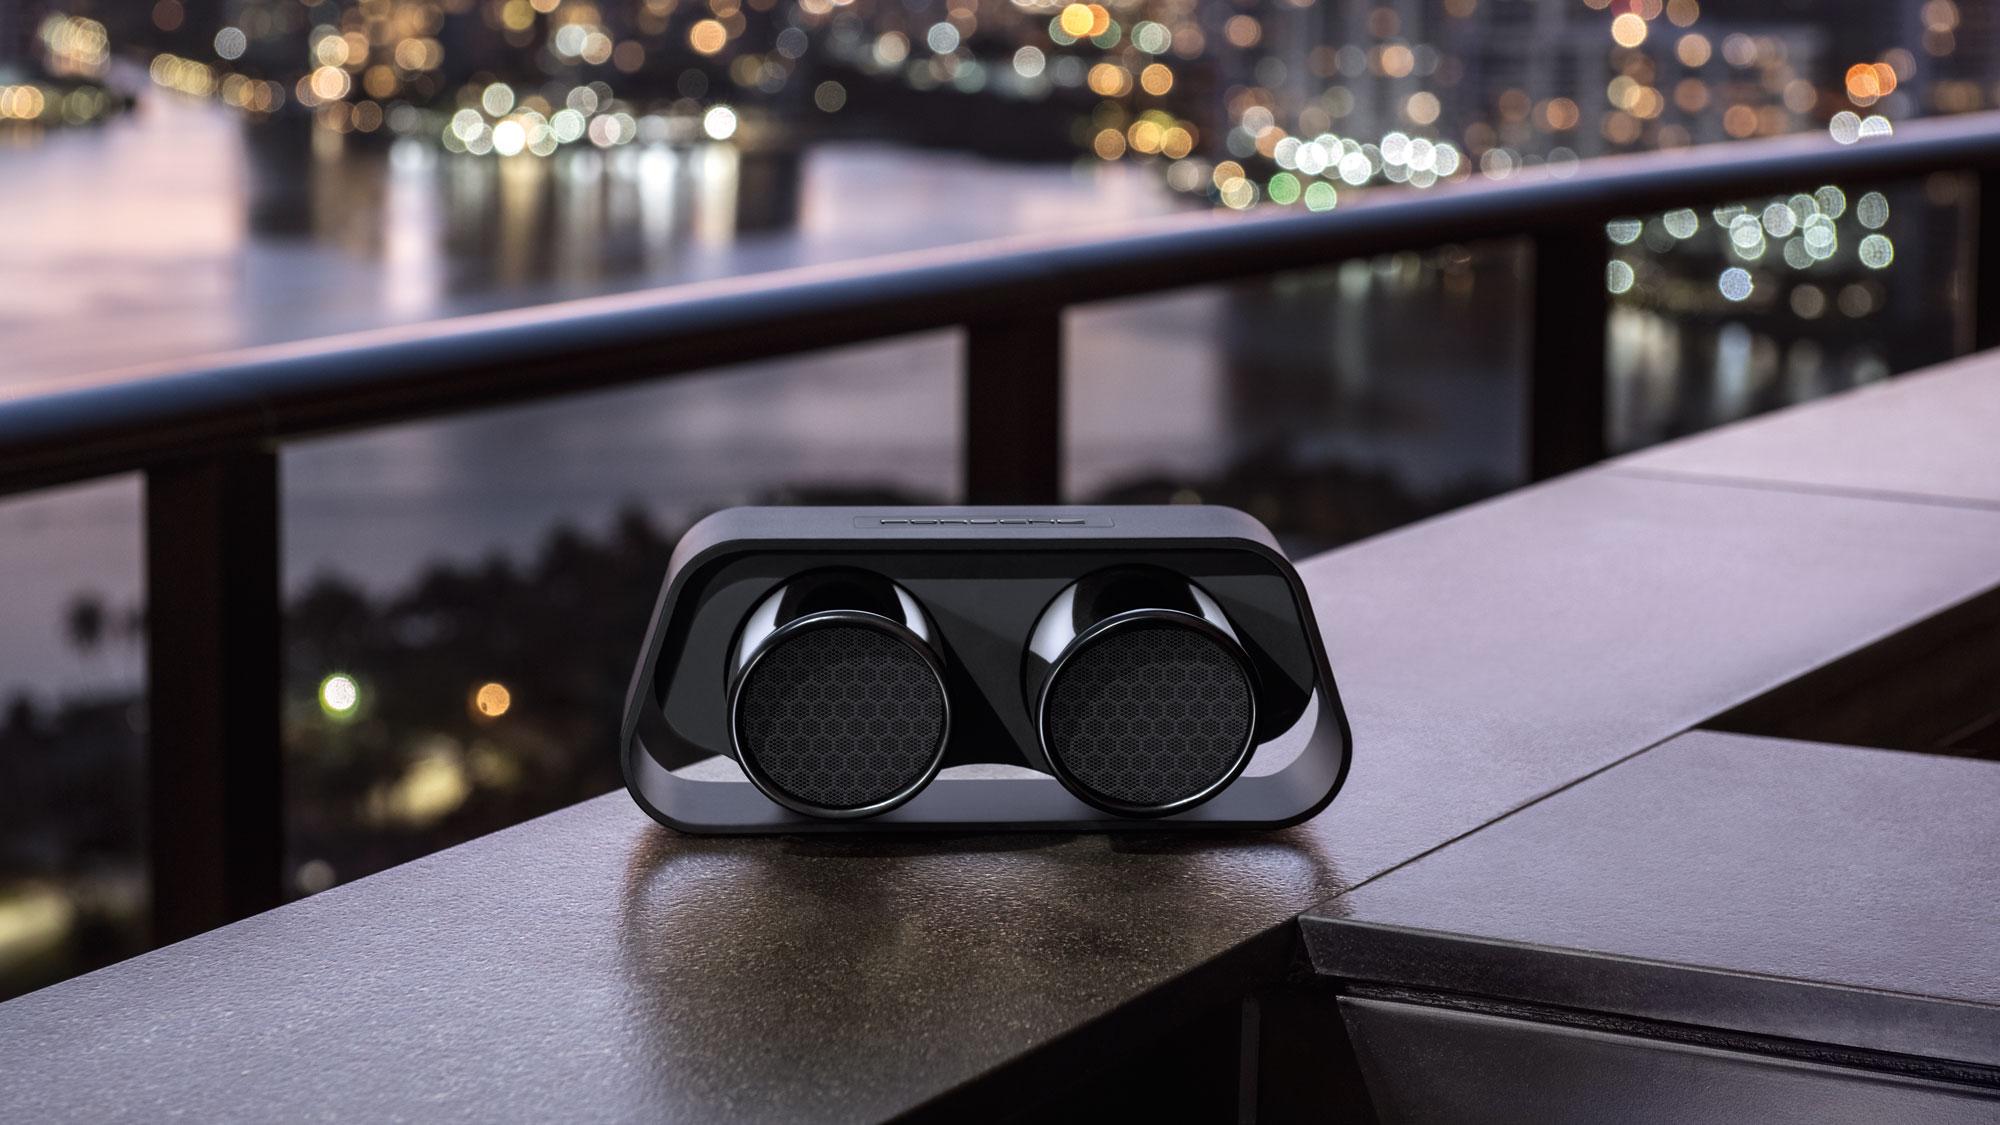 Porsche Design 911 Speaker against nighttime cityscape